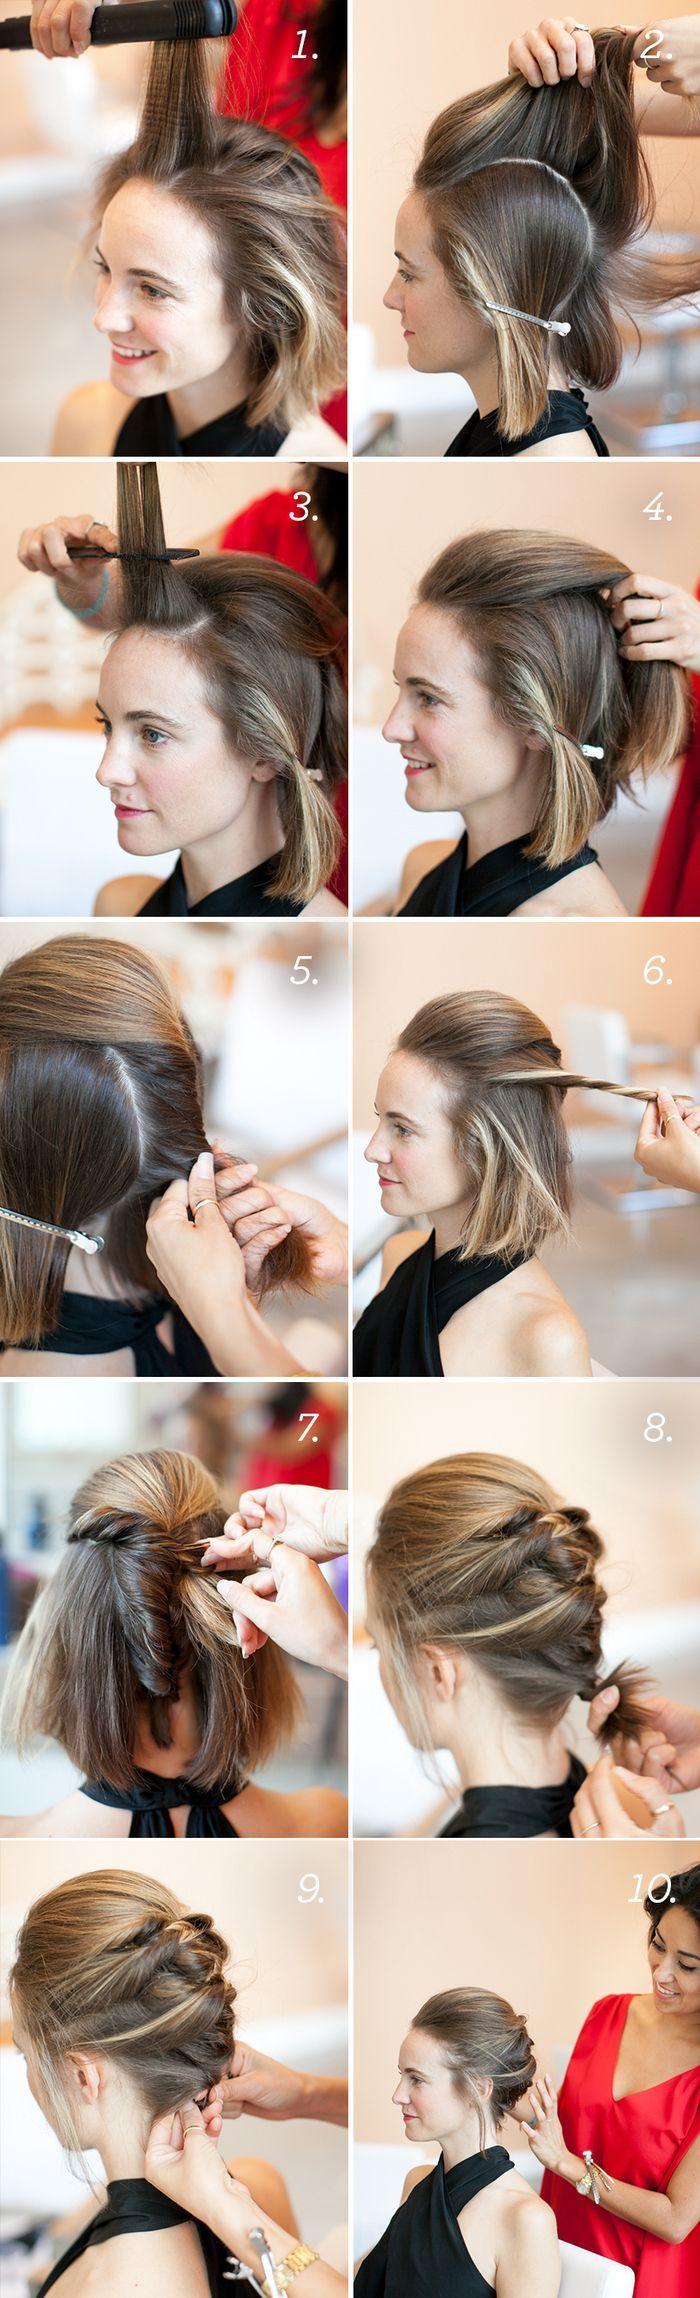 Idée Coiffure :    Description   un chignon facile à faire réalisé sur un carré court qui met en avant les mèches blondes de devant    - #Coiffure https://madame.tn/beaute/coiffure/idee-coiffure-un-chignon-facile-a-faire-realise-sur-un-carre-court-qui-met-en-avant-les-m/